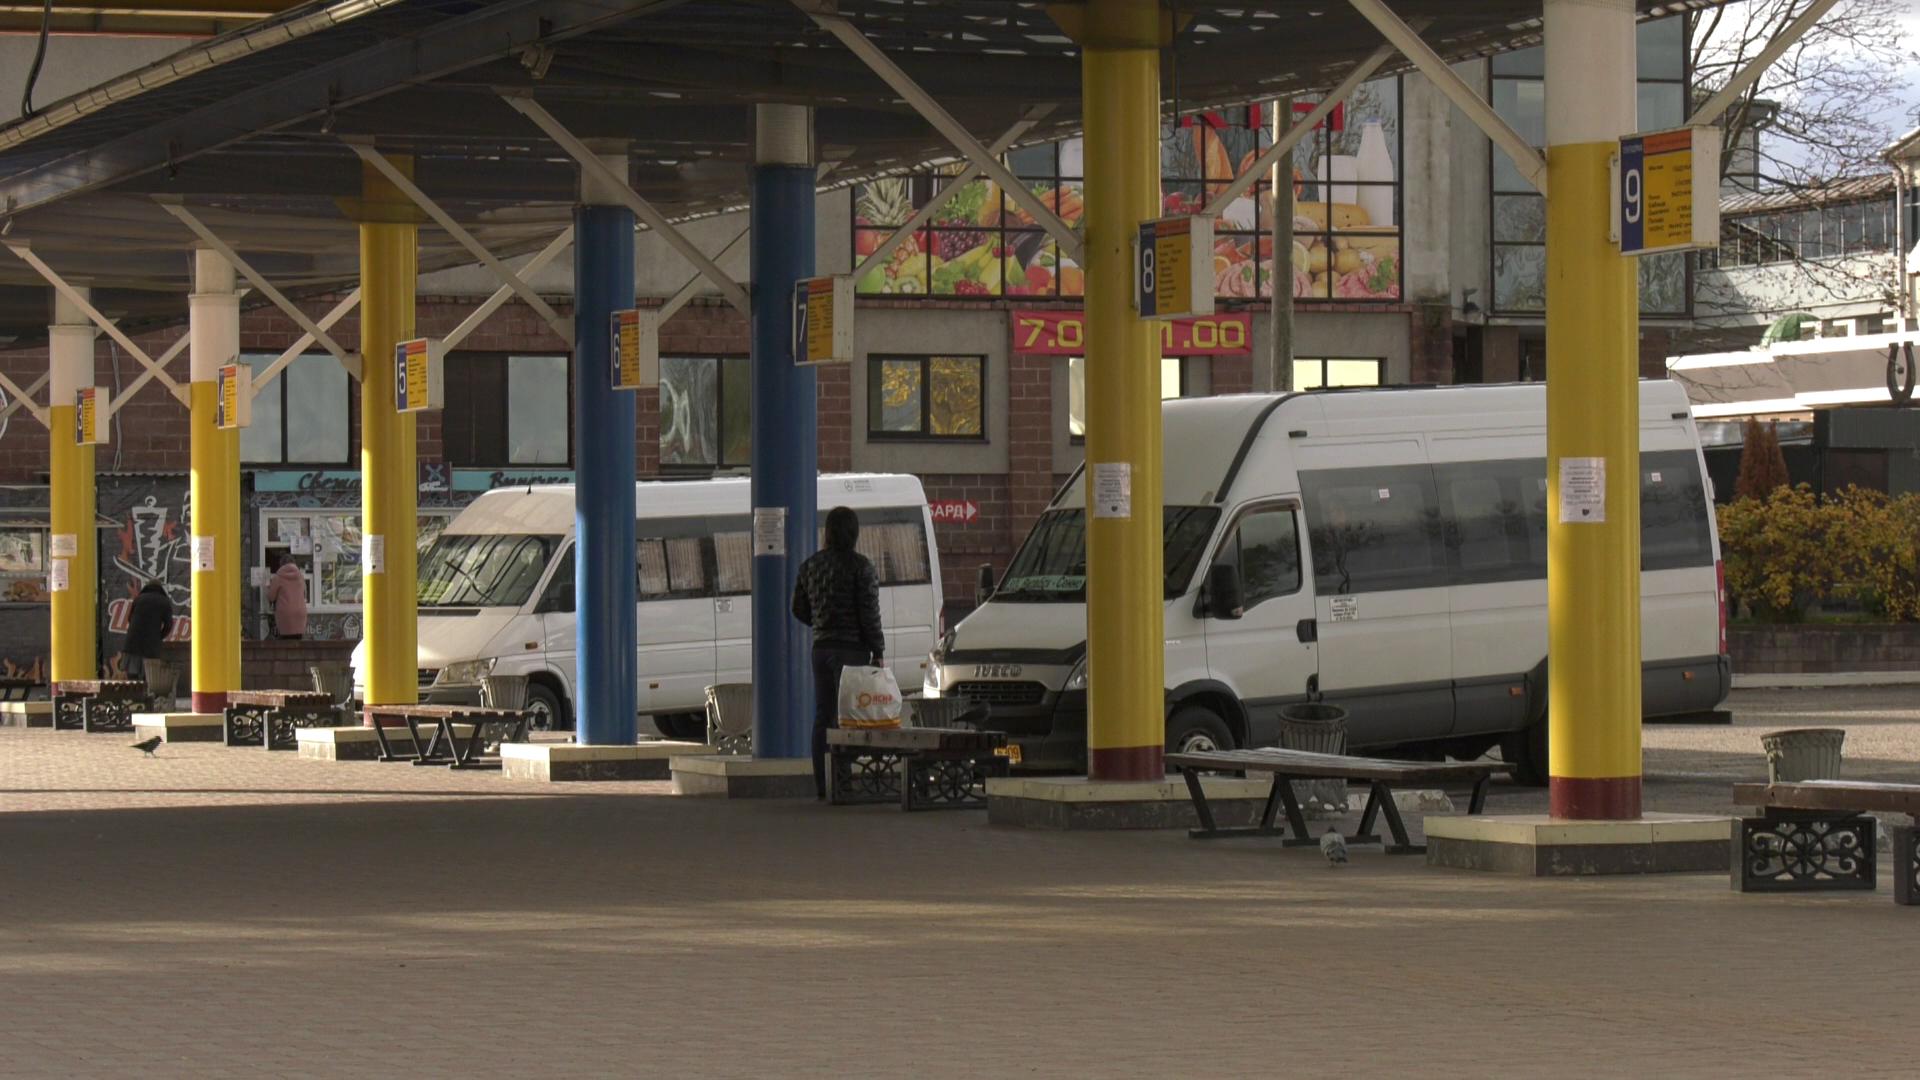 transport - Работа транспорта в разгар пандемии. Репортаж из Витебска (видео)